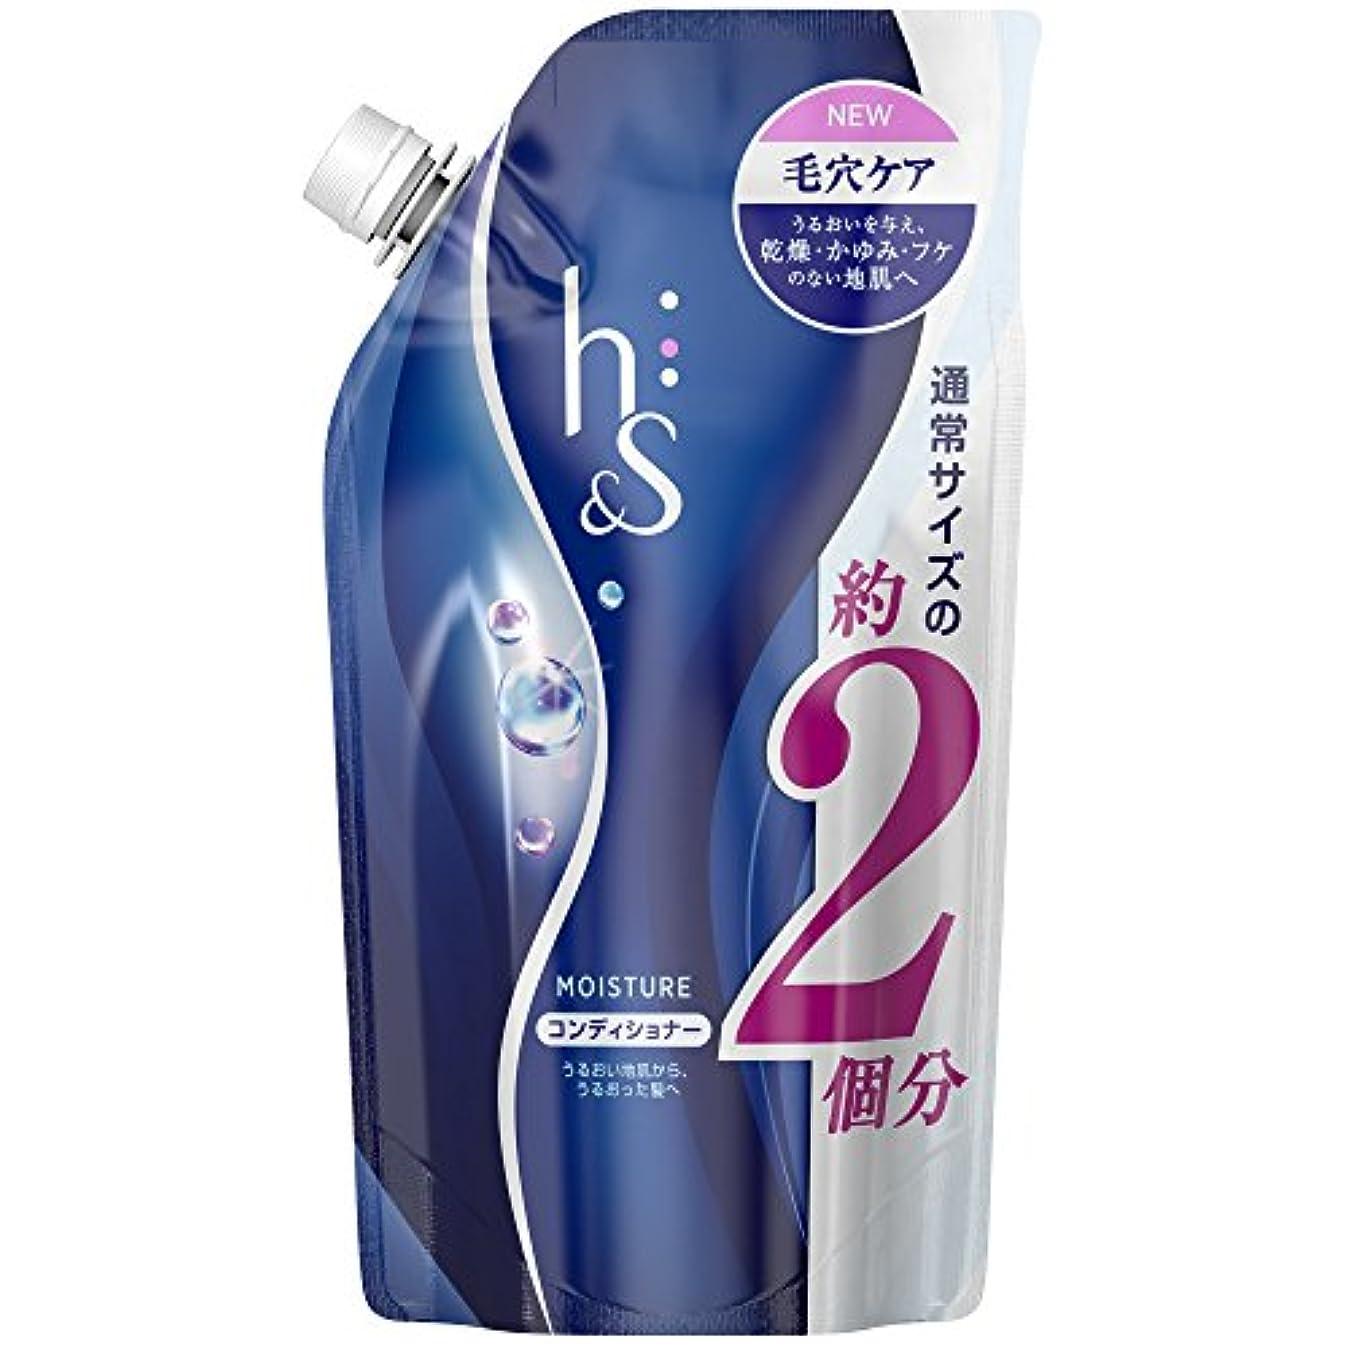 【大容量】エイチアンドエス(h&s) コンディショナー ヘッドスパ モイスチャー 詰替用 575g